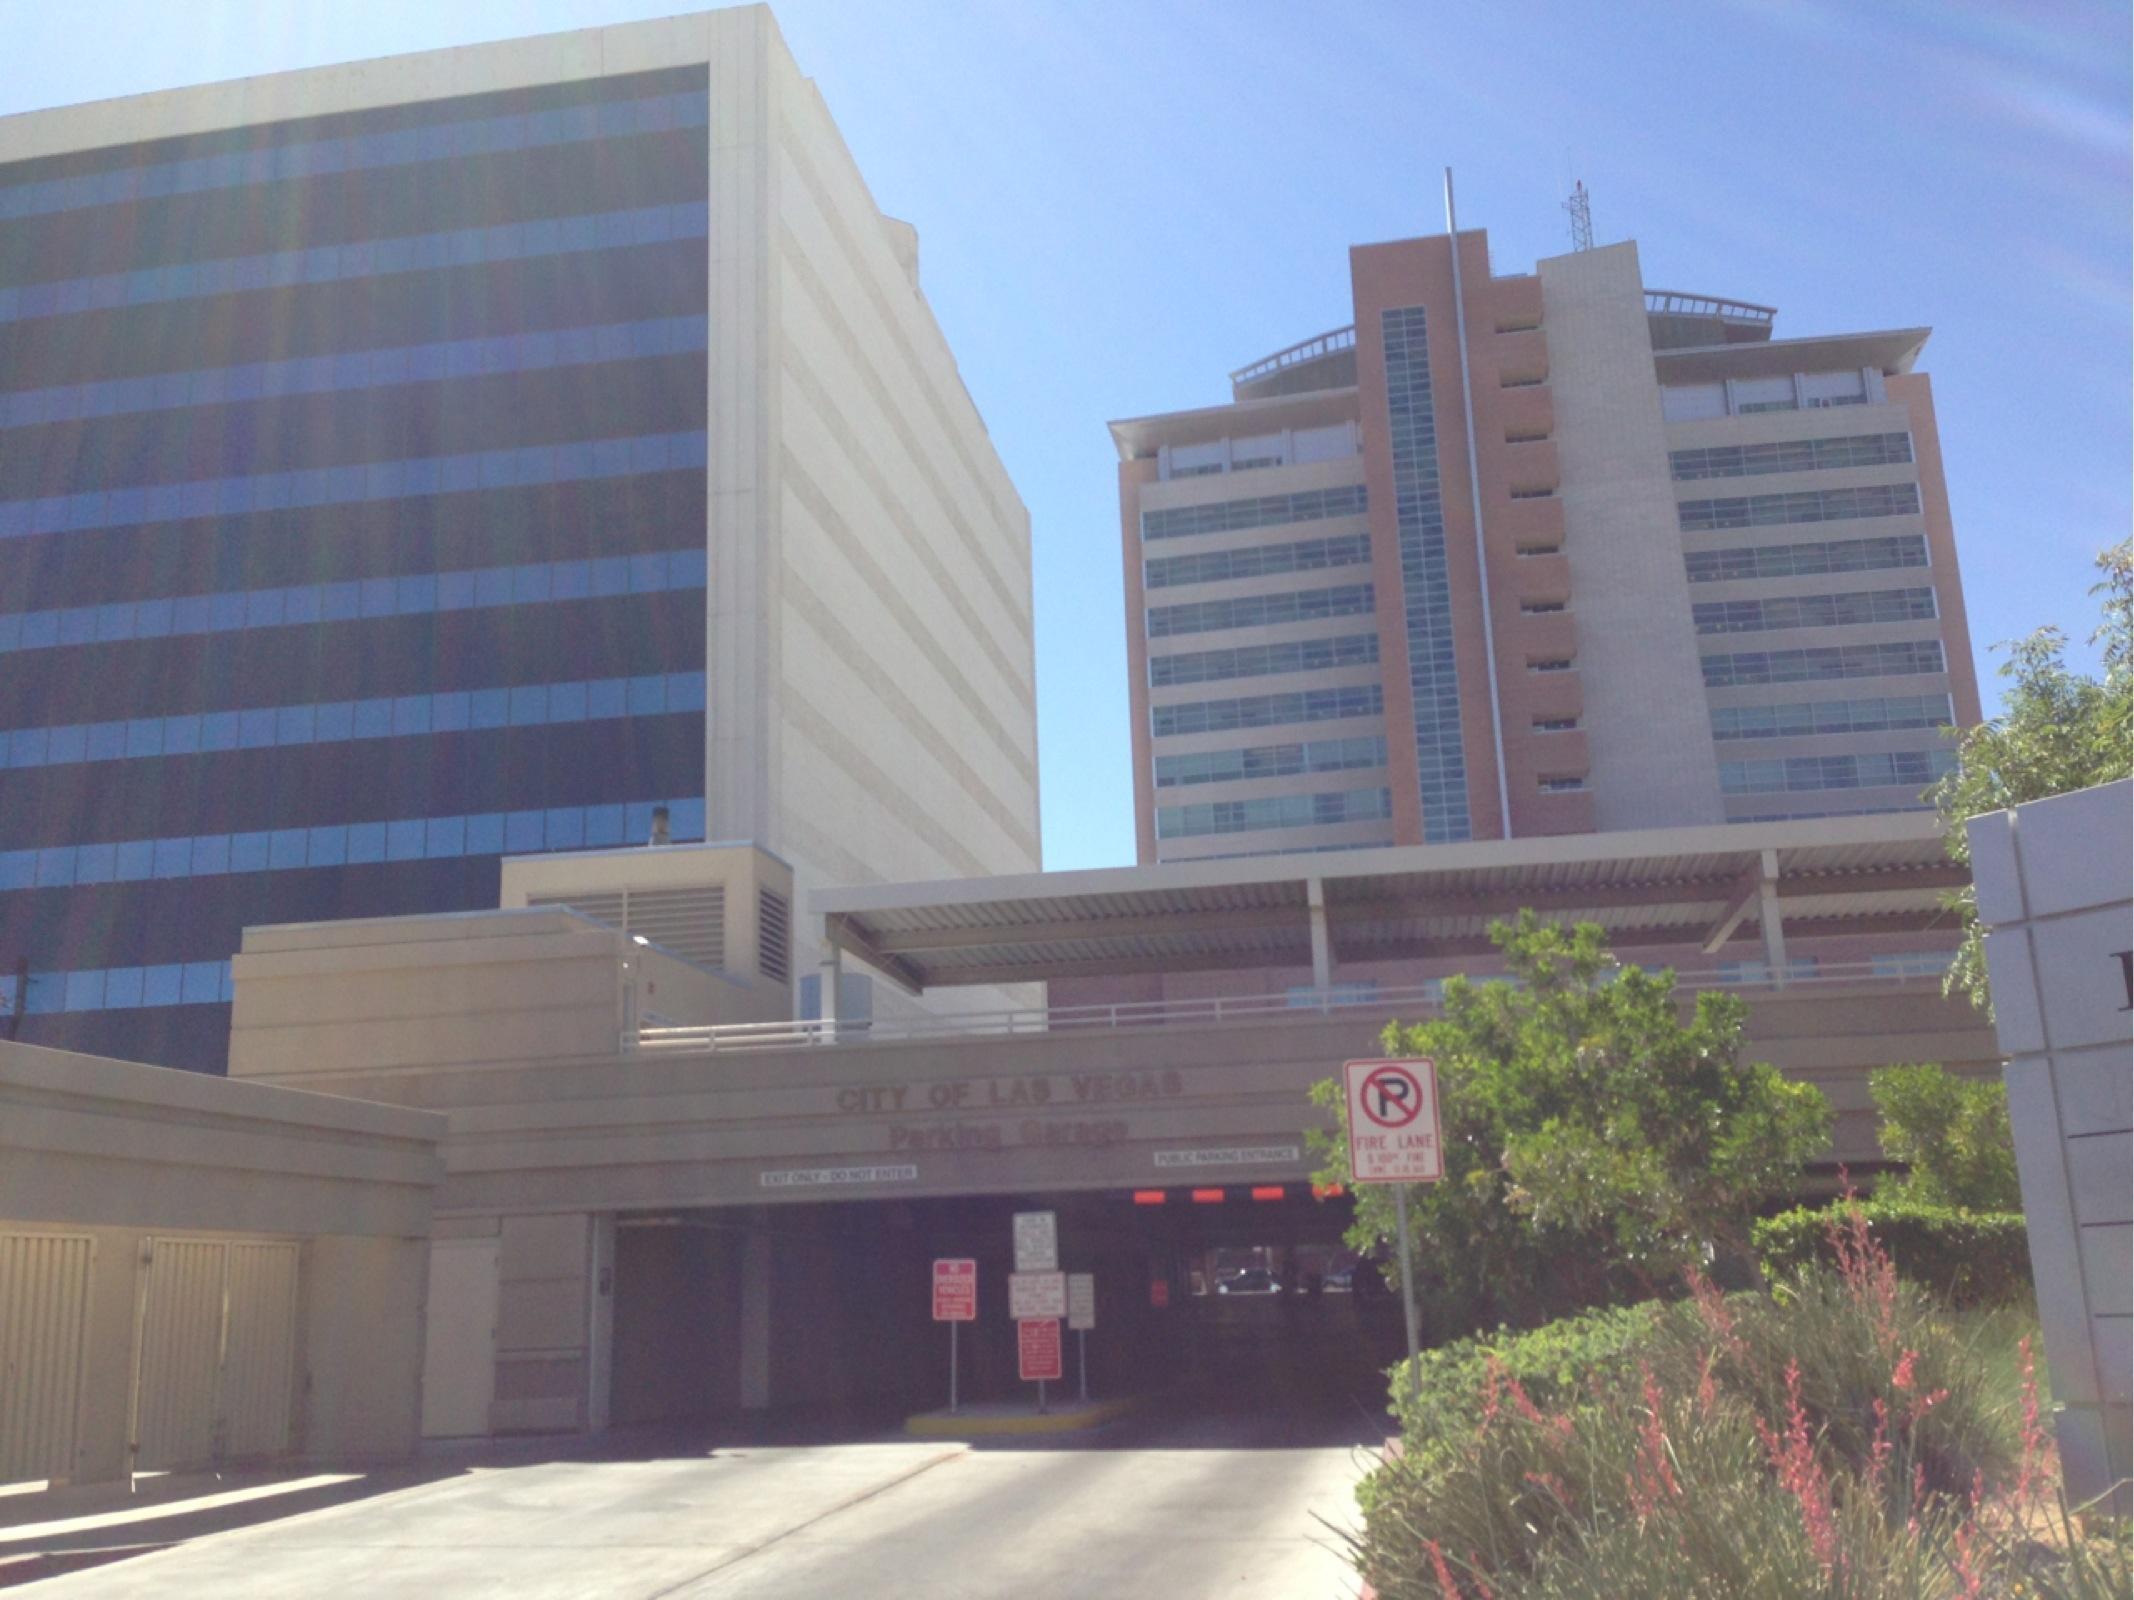 City Of Las Vegas Parking Garage  Parking in Las Vegas  ParkMe